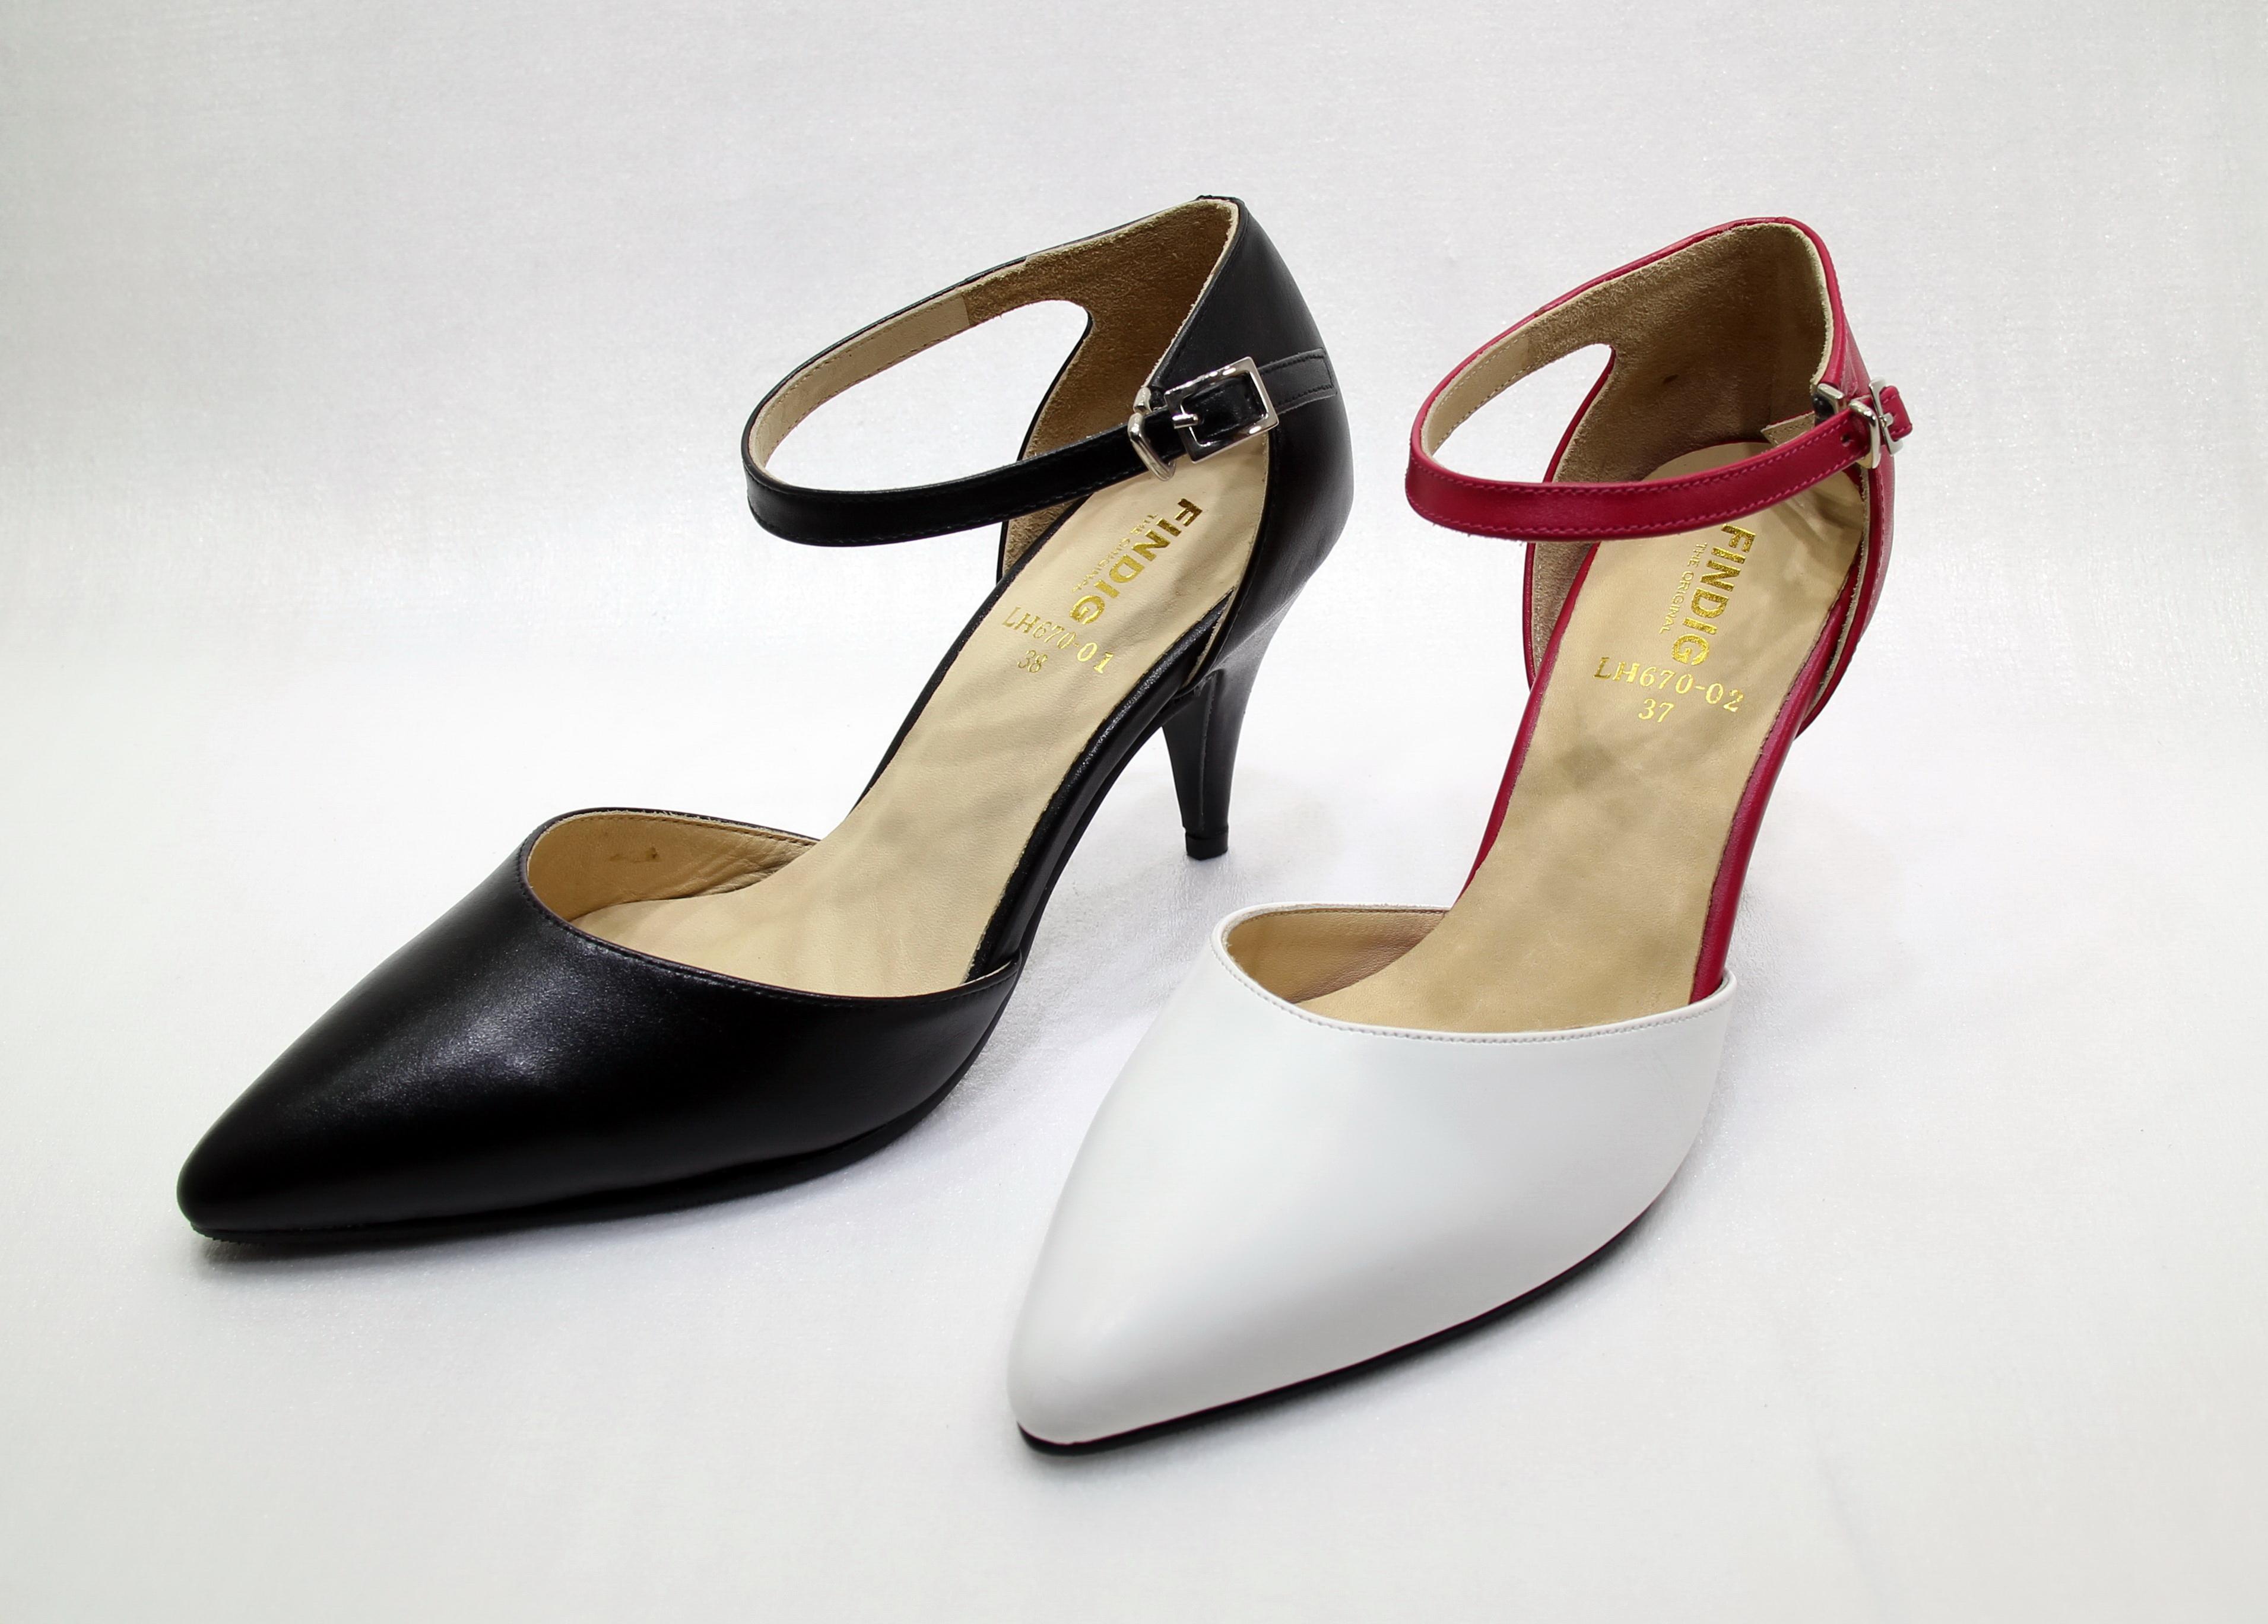 รองเท้าผู้หญิงฟินดิจ รุ่น LH670